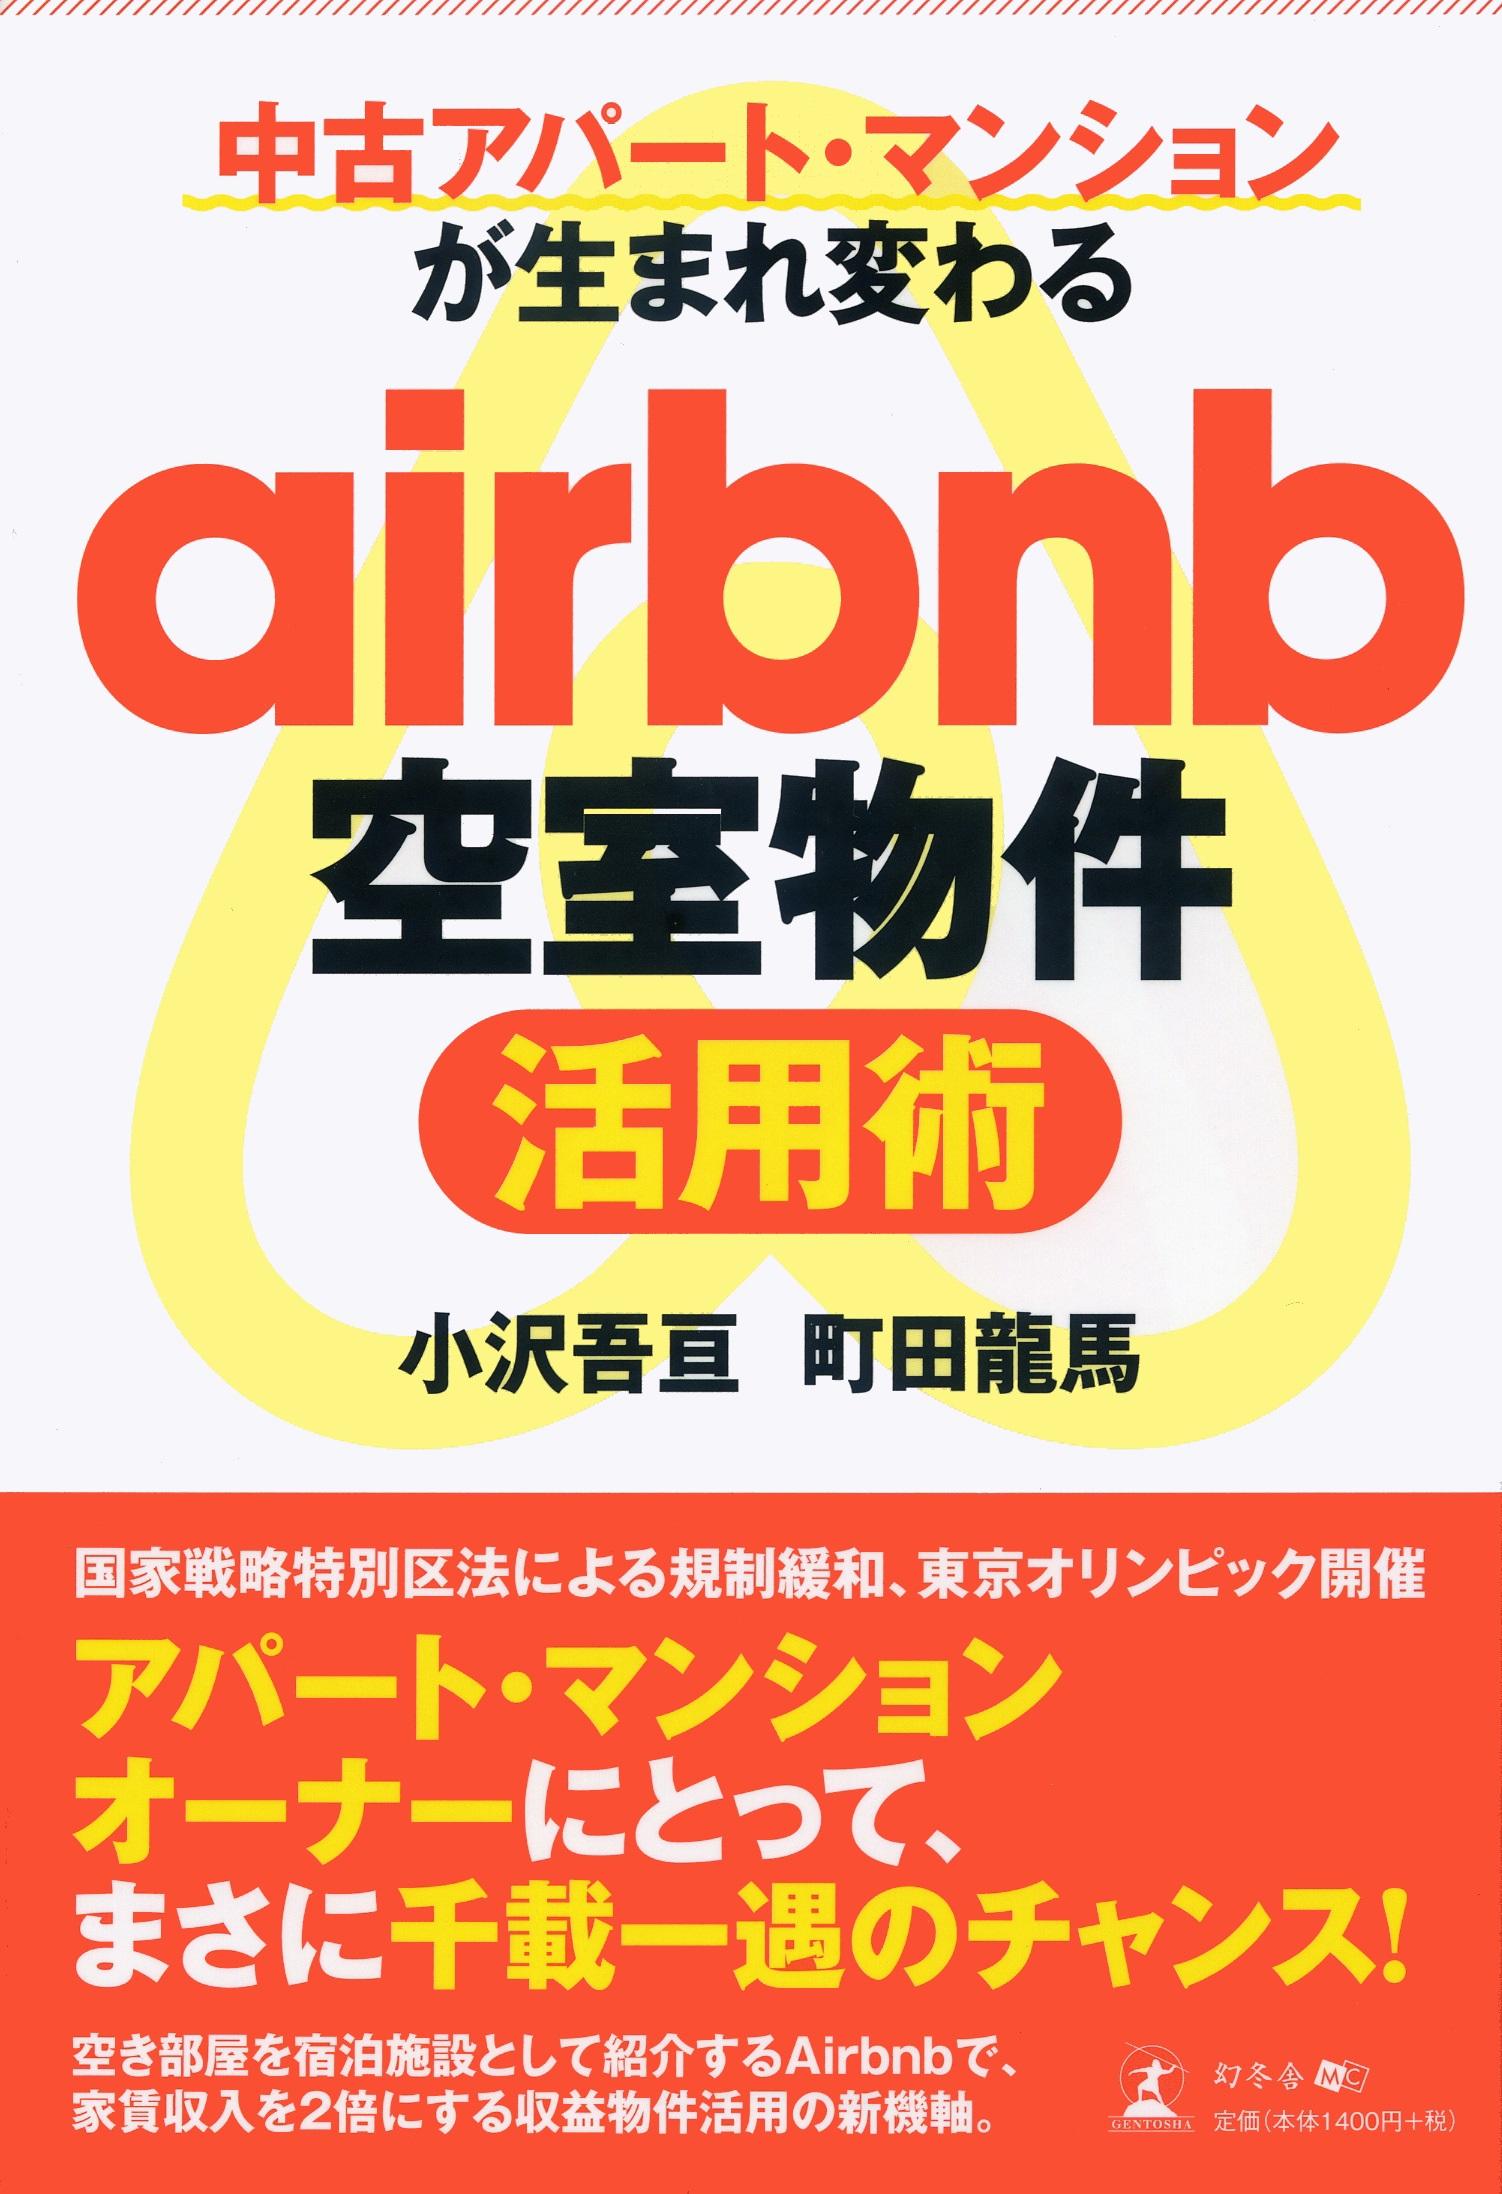 中古アパート・マンションが 生まれ変わる airbnb空室物件活用術